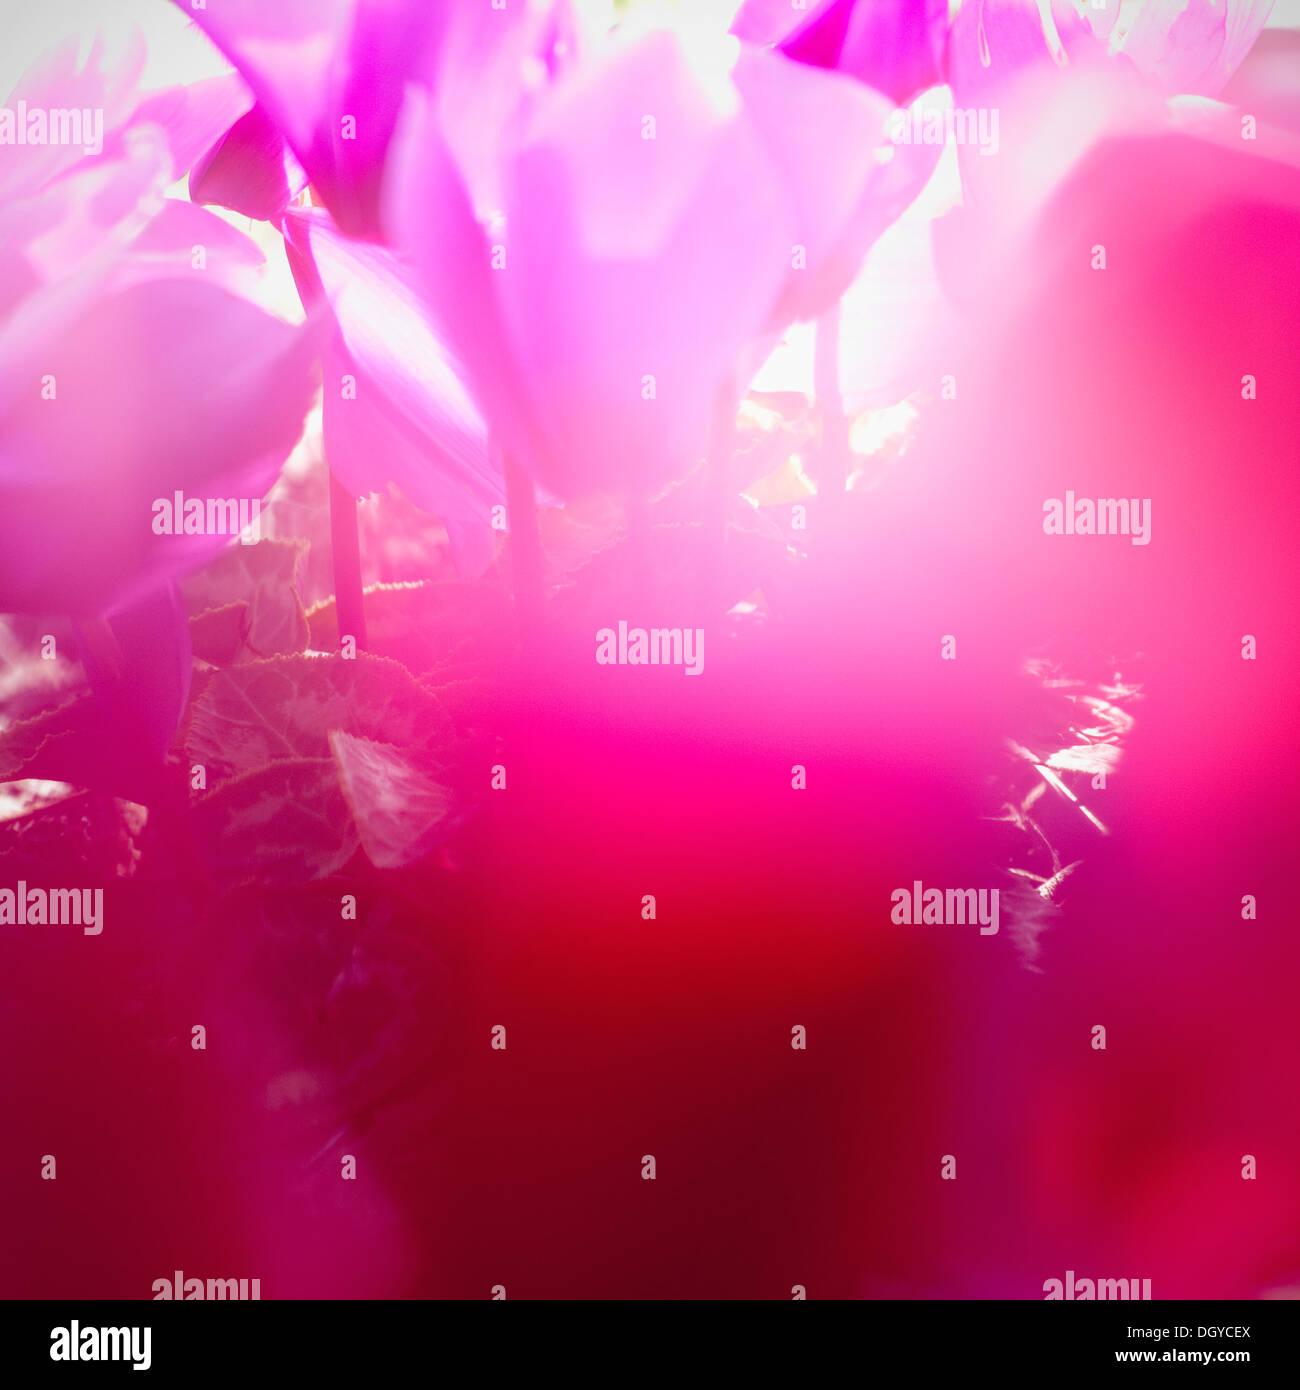 Magenta vibrante Cyclamen en flor, enfoque suave, close-up Imagen De Stock